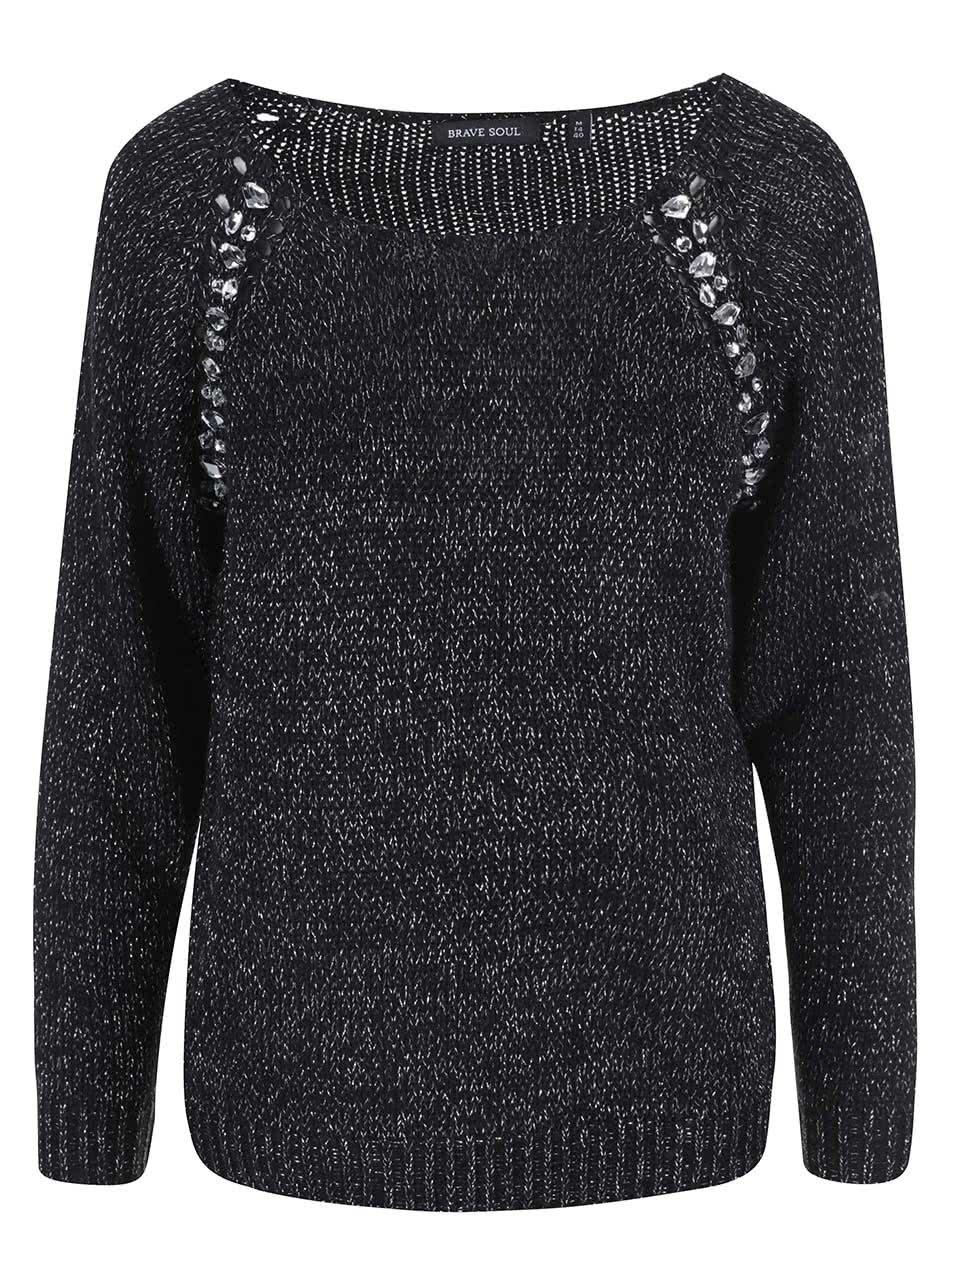 bf3f156b1c6 Černý dámský svetr se stříbrnými detaily Brave Soul Gem